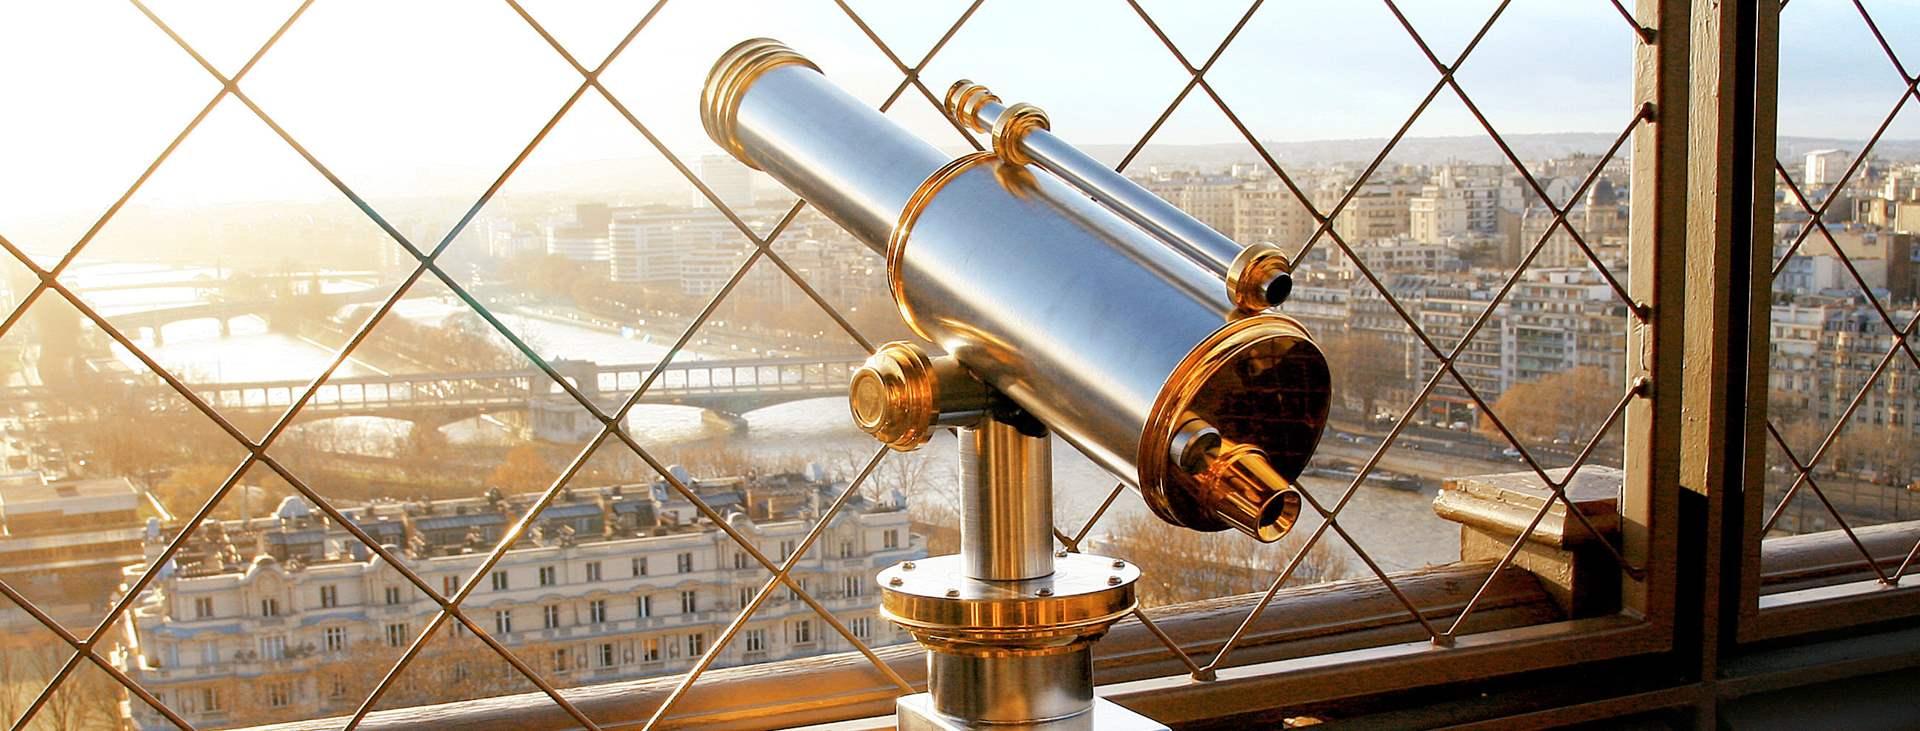 Bestill en helg til Frankrike med fly og hotell